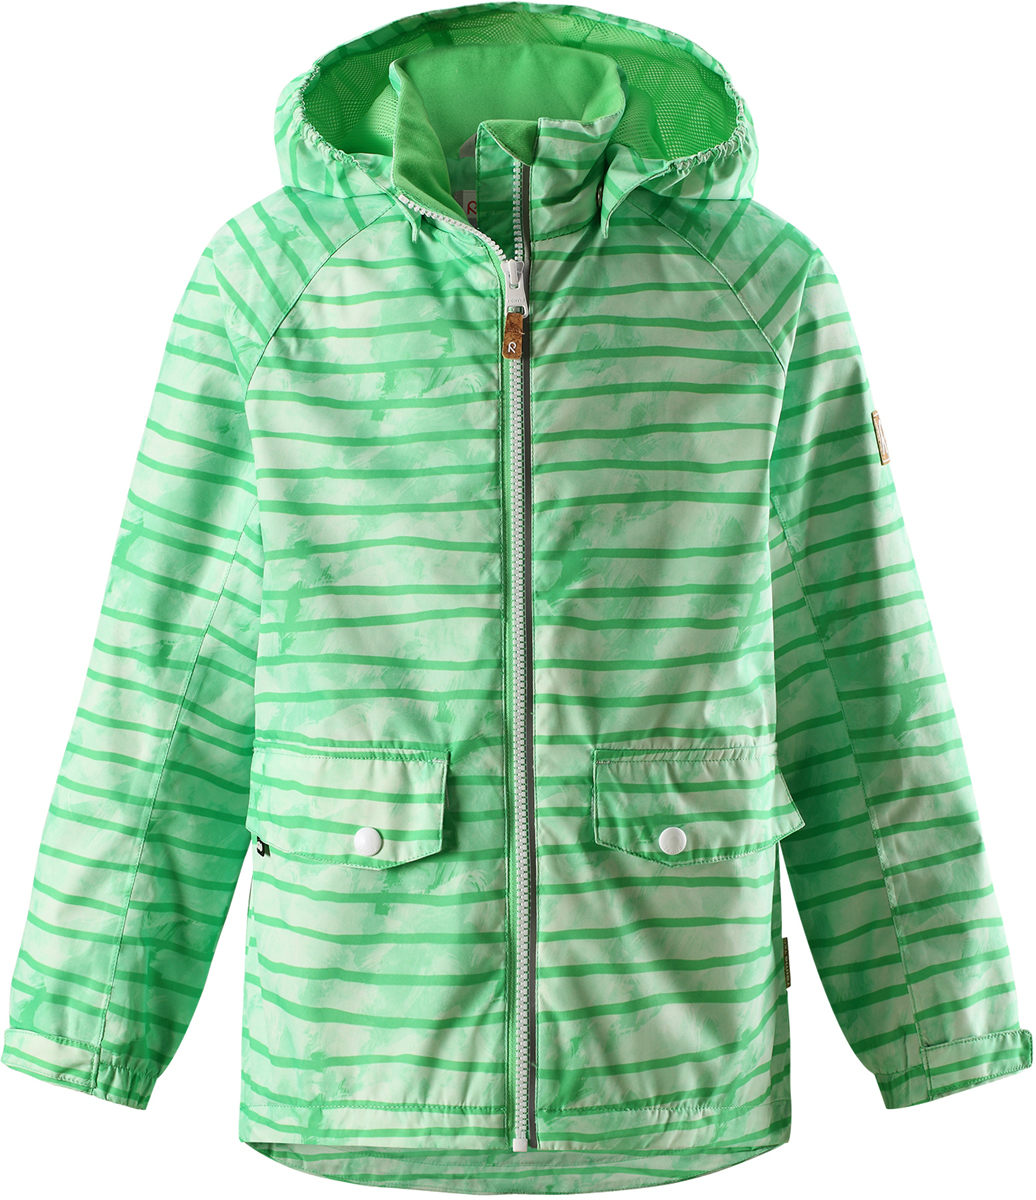 Куртка для мальчика Reima, цвет: зеленый. 5215378464. Размер 1465215378464Куртка для мальчика от Reima выполнена из полиэстера с полиуретановым покрытием. Модель с воротником стойкой и съемным капюшоном застегивается на застежку-молнию. Капюшон пристегивается с помощью кнопок. Спереди расположены прорезные карманы с клапанами. Низ рукавов дополнен хлястиками на липучках.